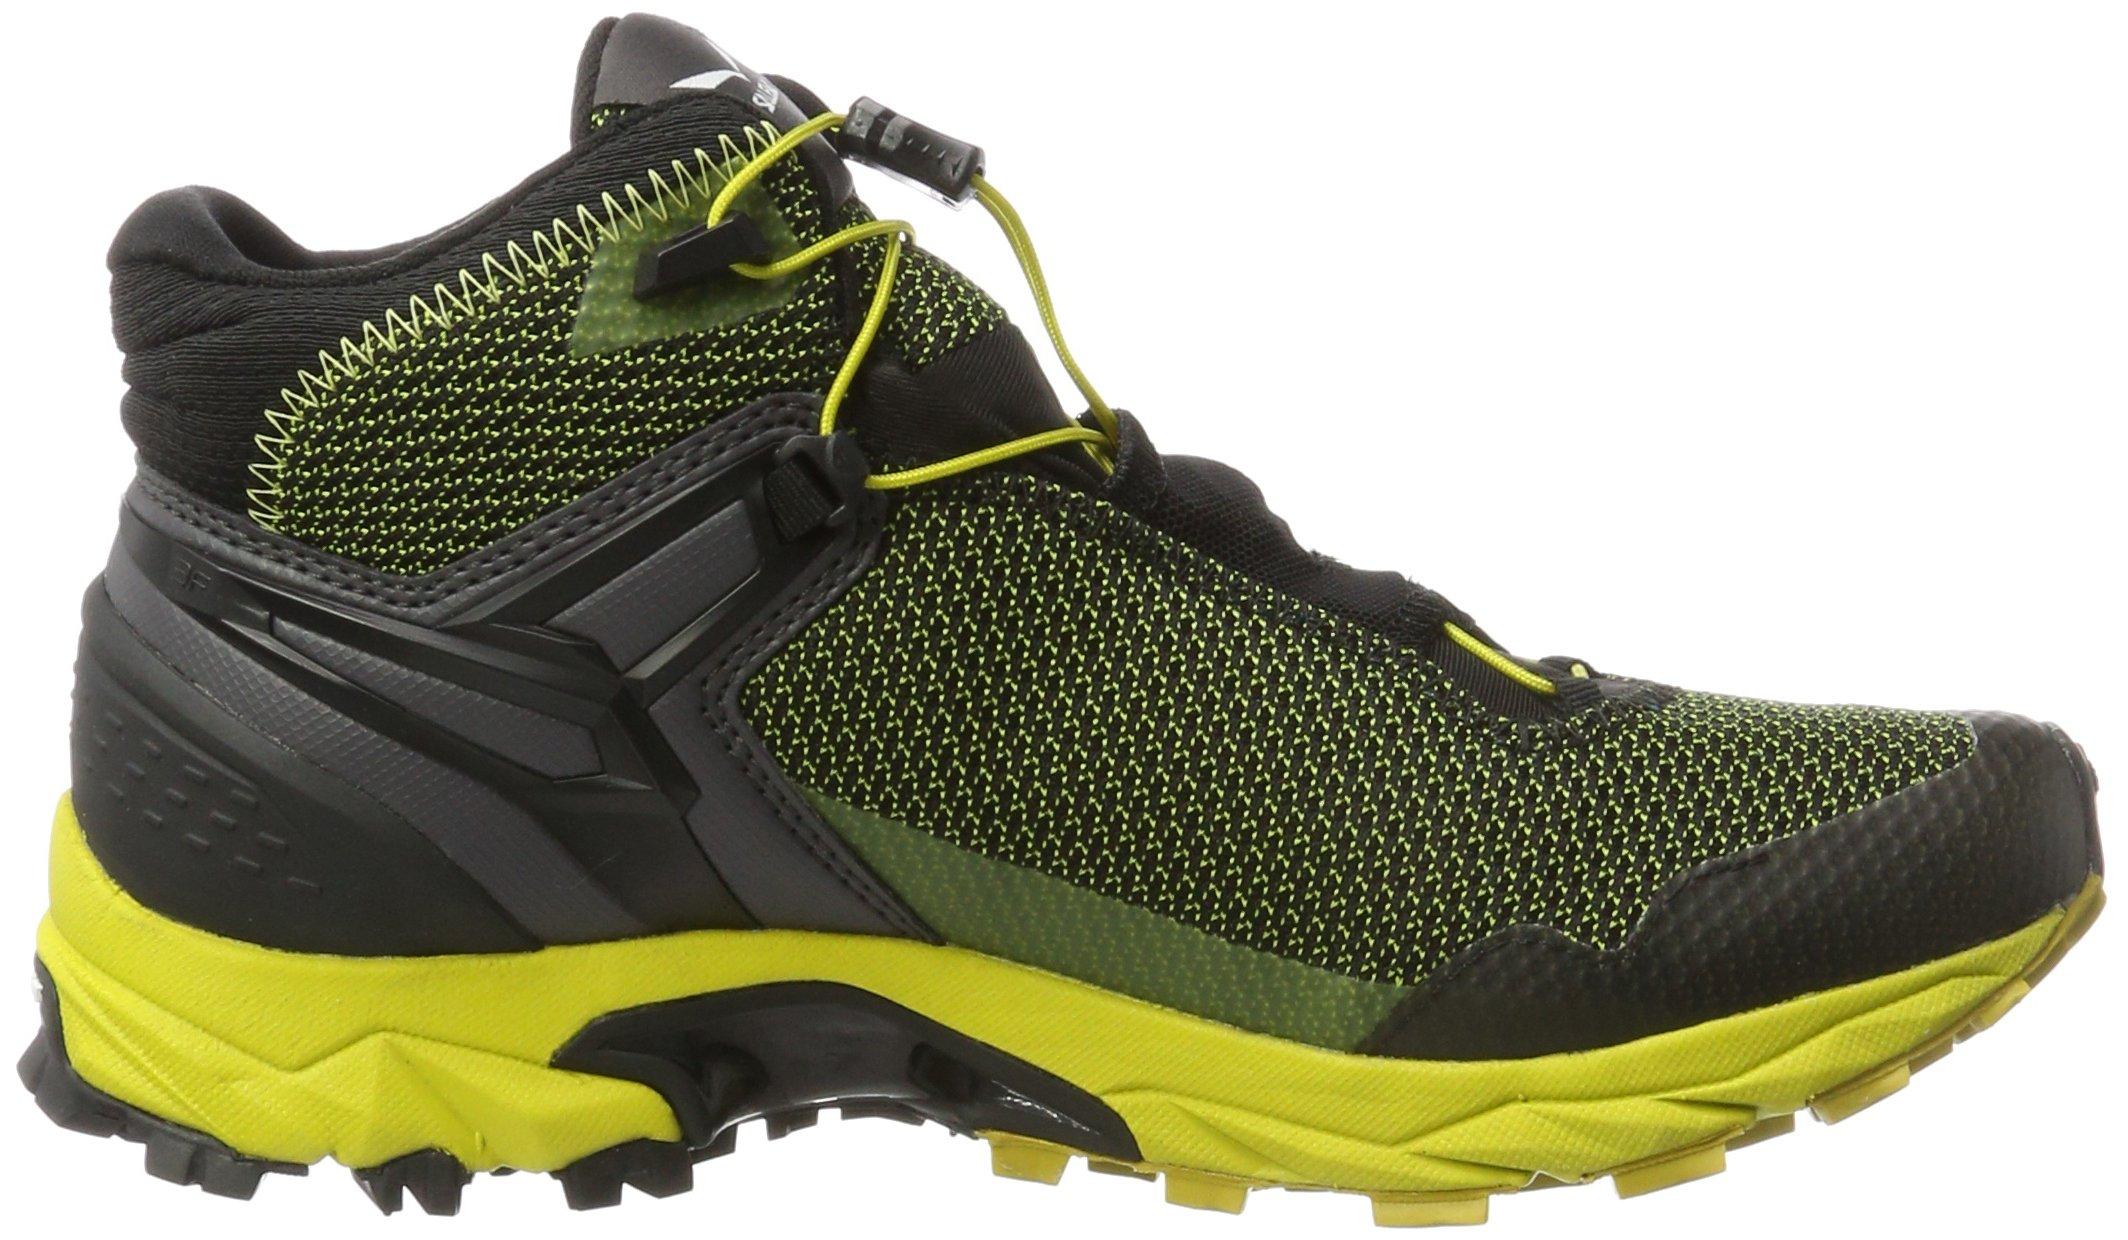 81DnHeTn6lL - Salewa Men's Ms Ultra Flex Mid GTX High Rise Hiking Boots